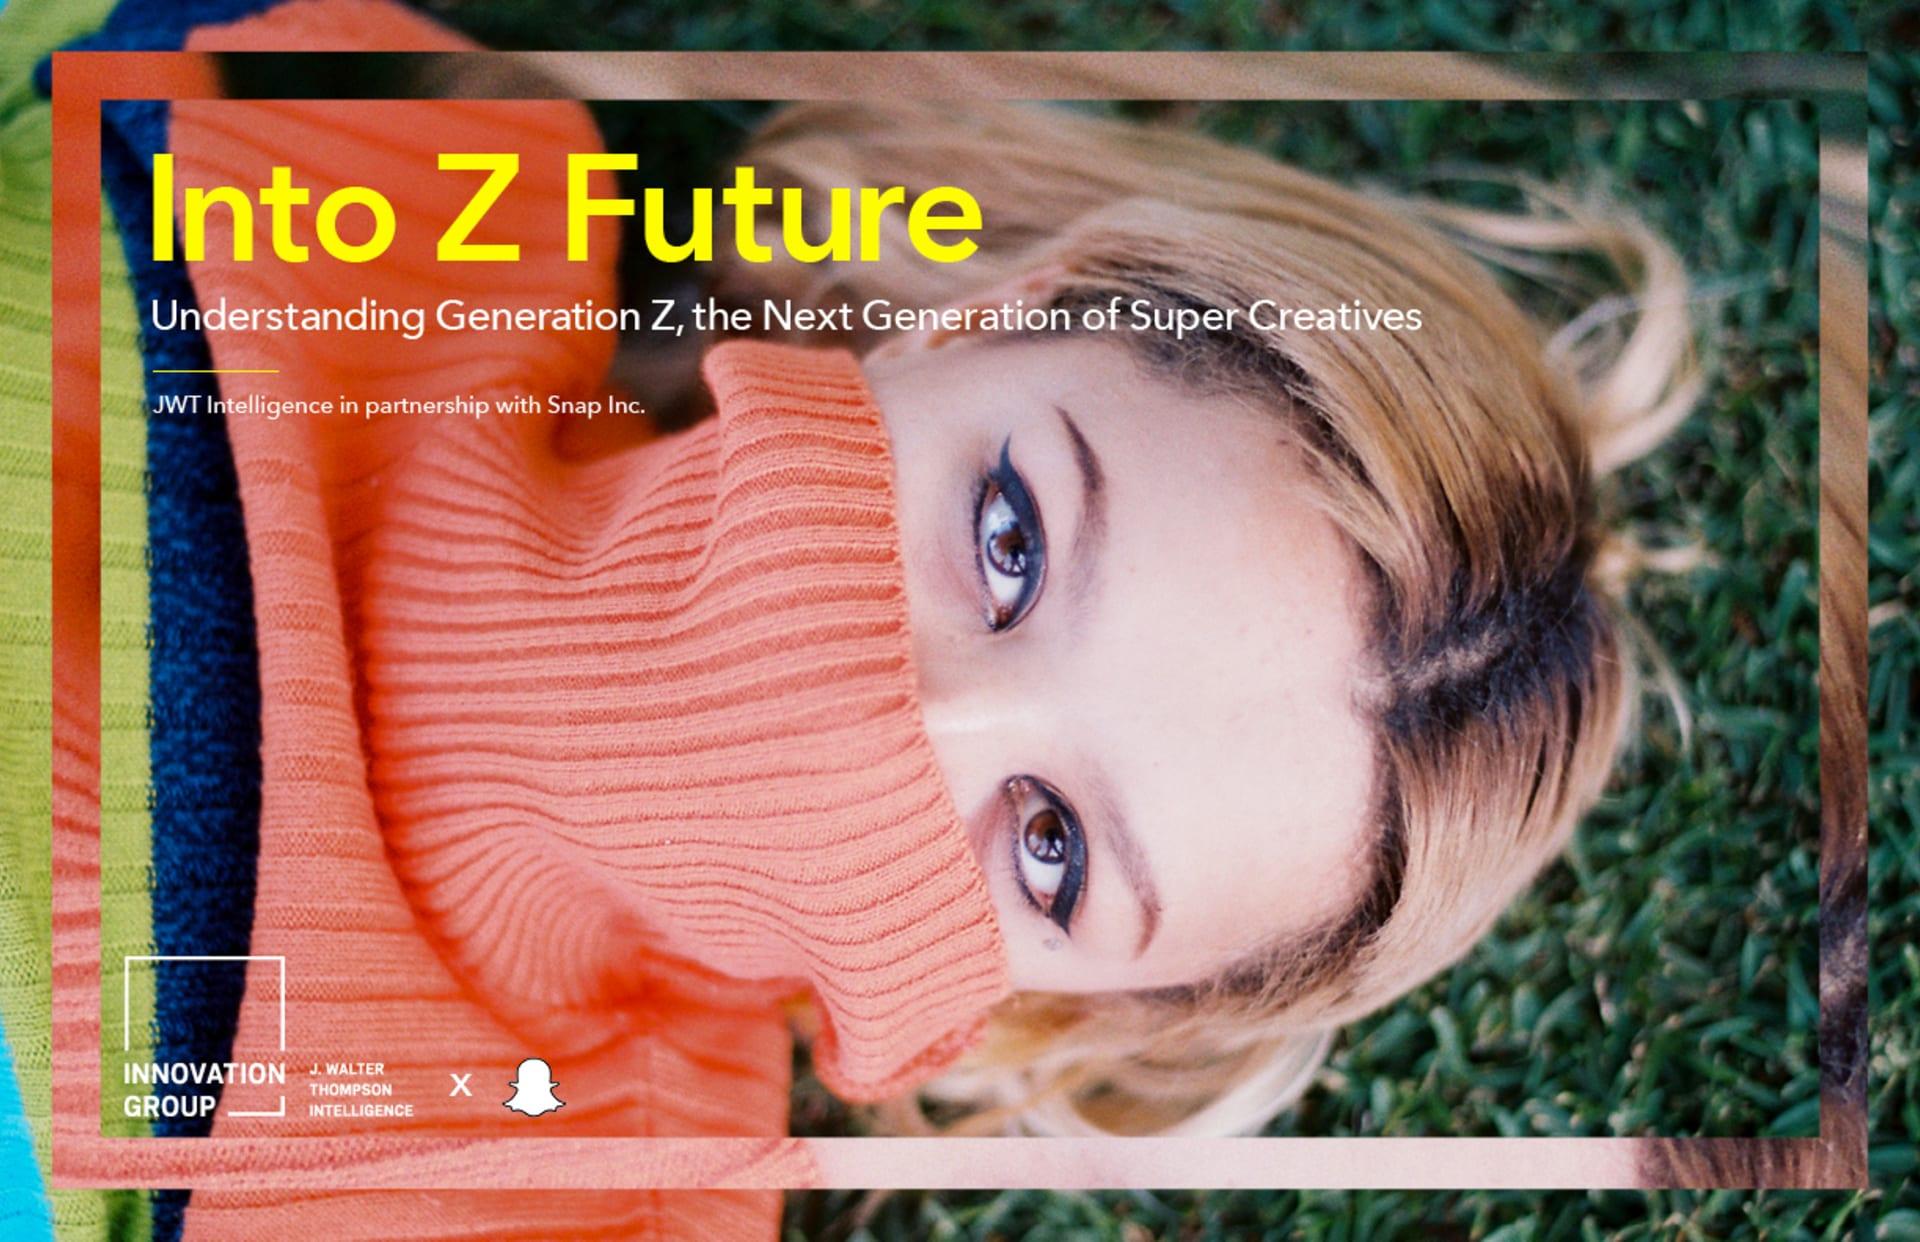 Into Z Future COVER